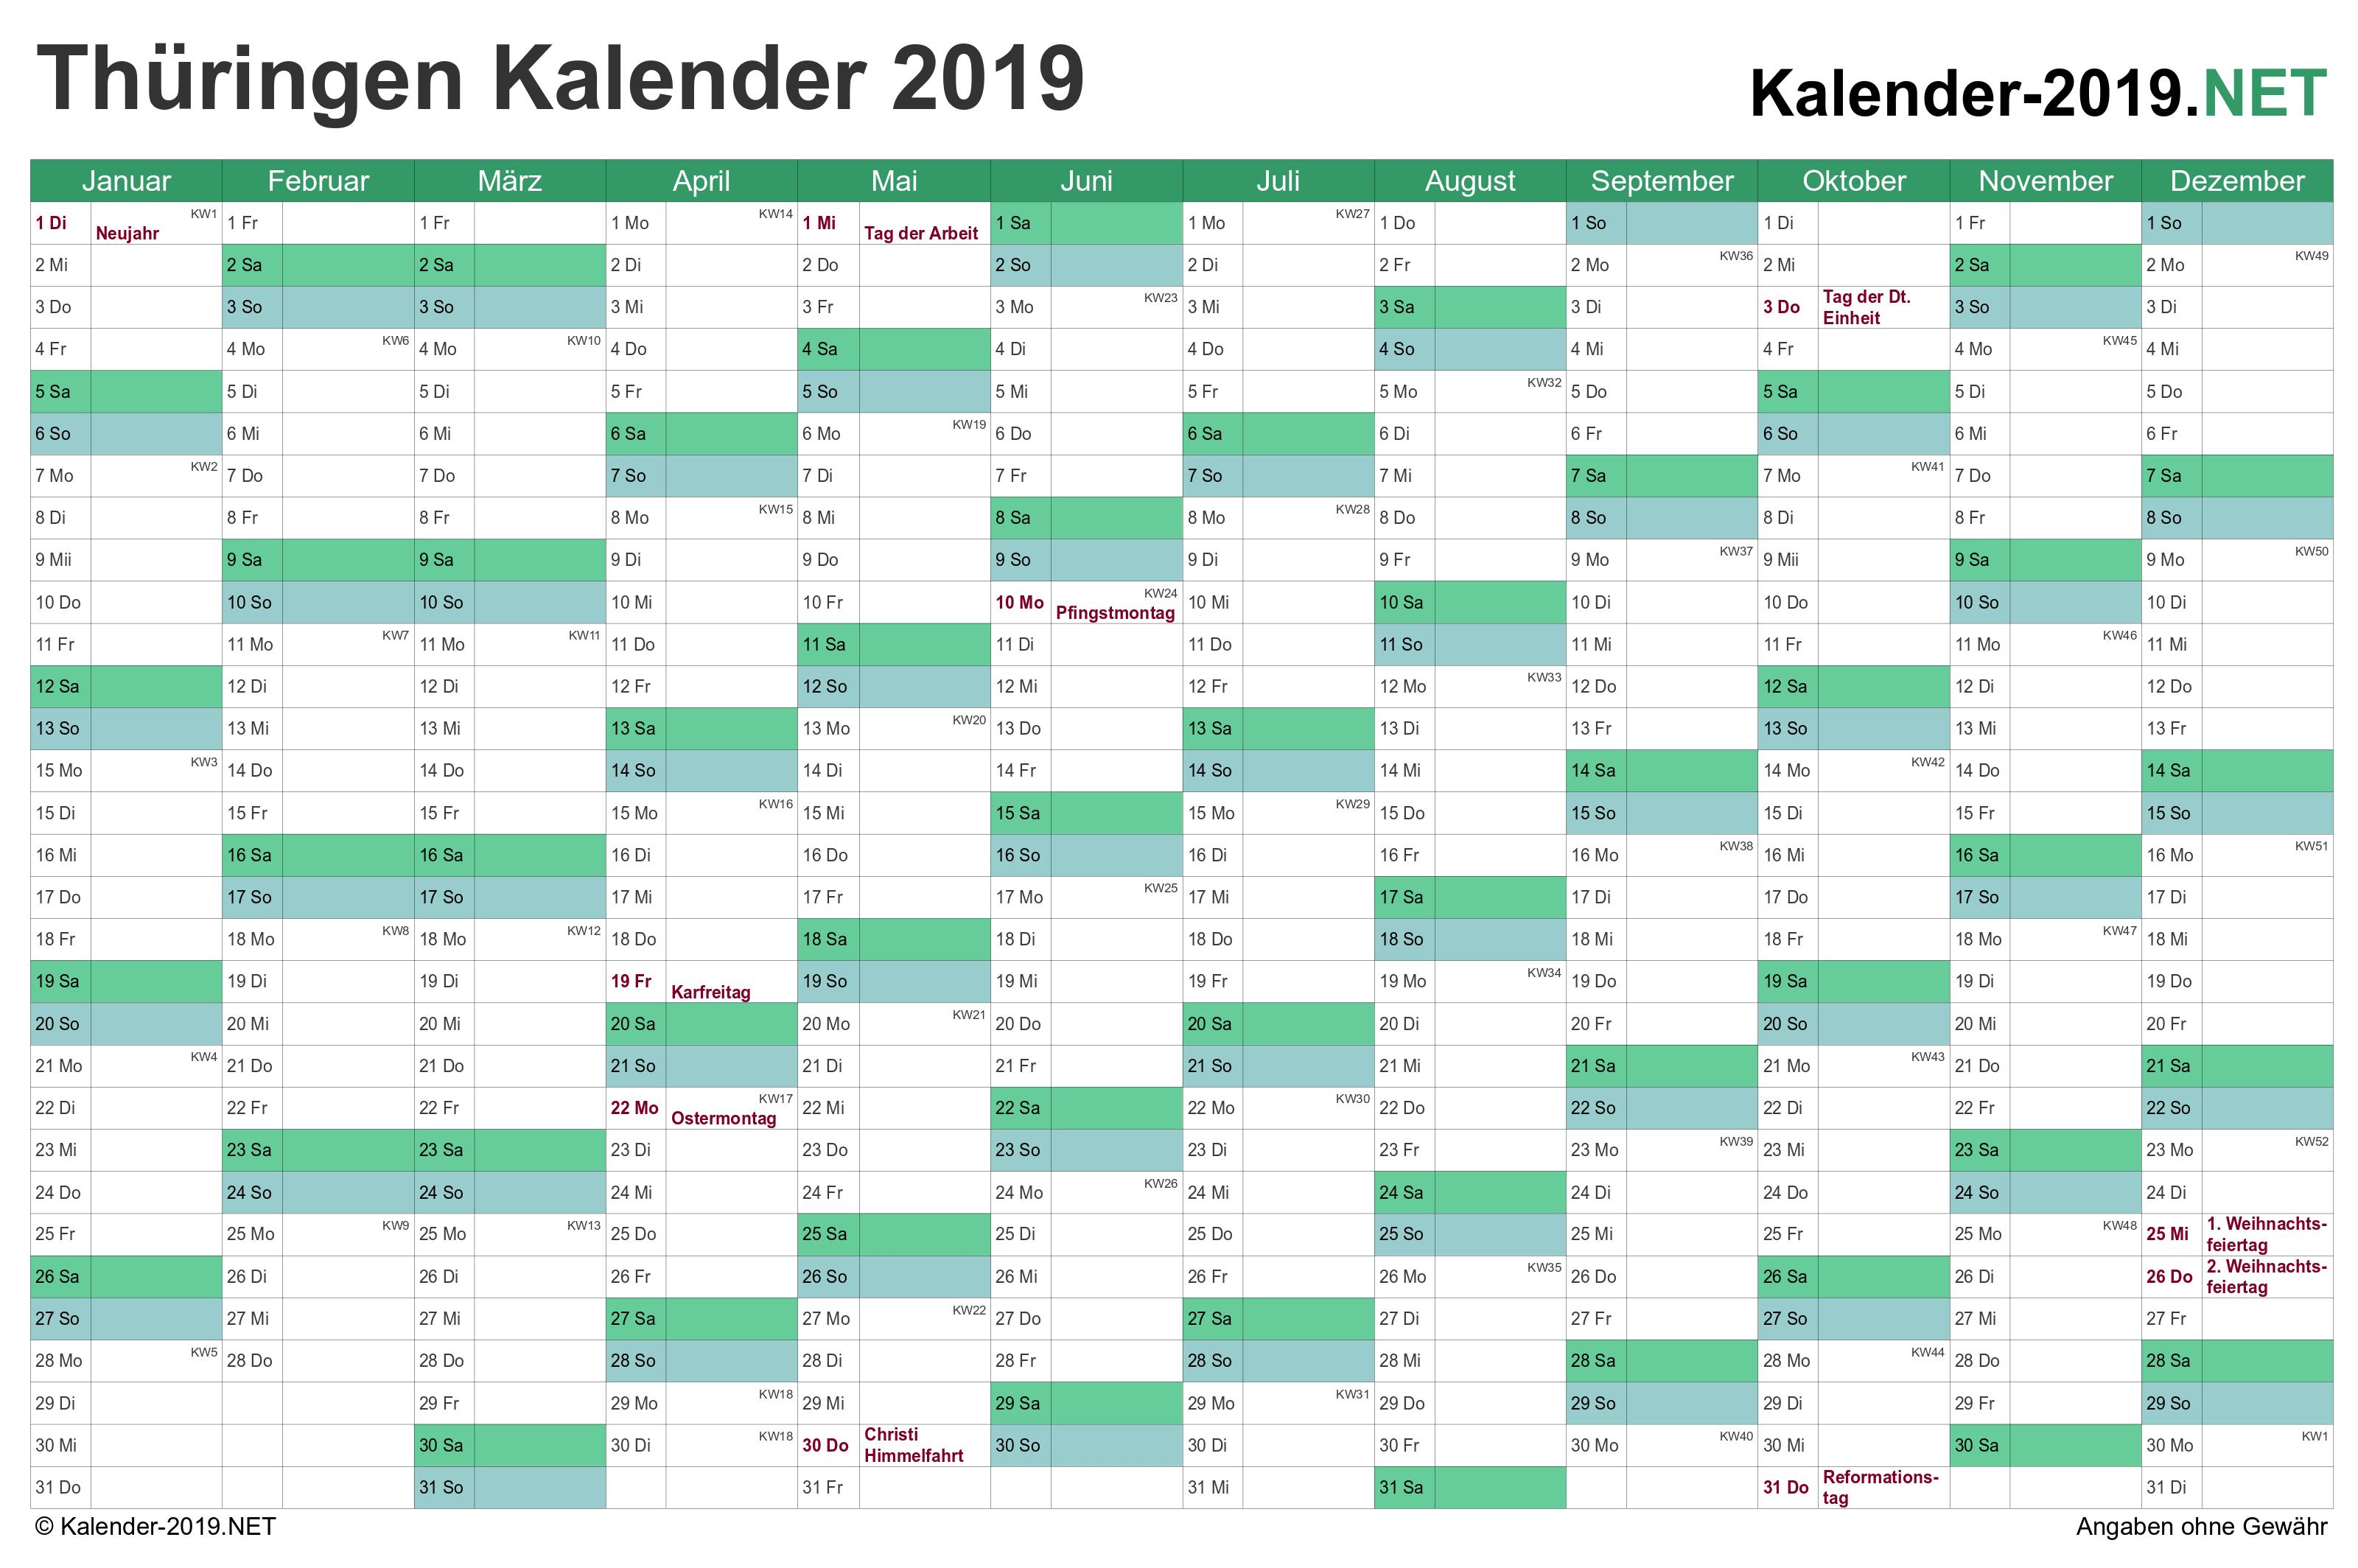 Weihnachten 2019 Thüringen.Kalender 2019 Thüringen